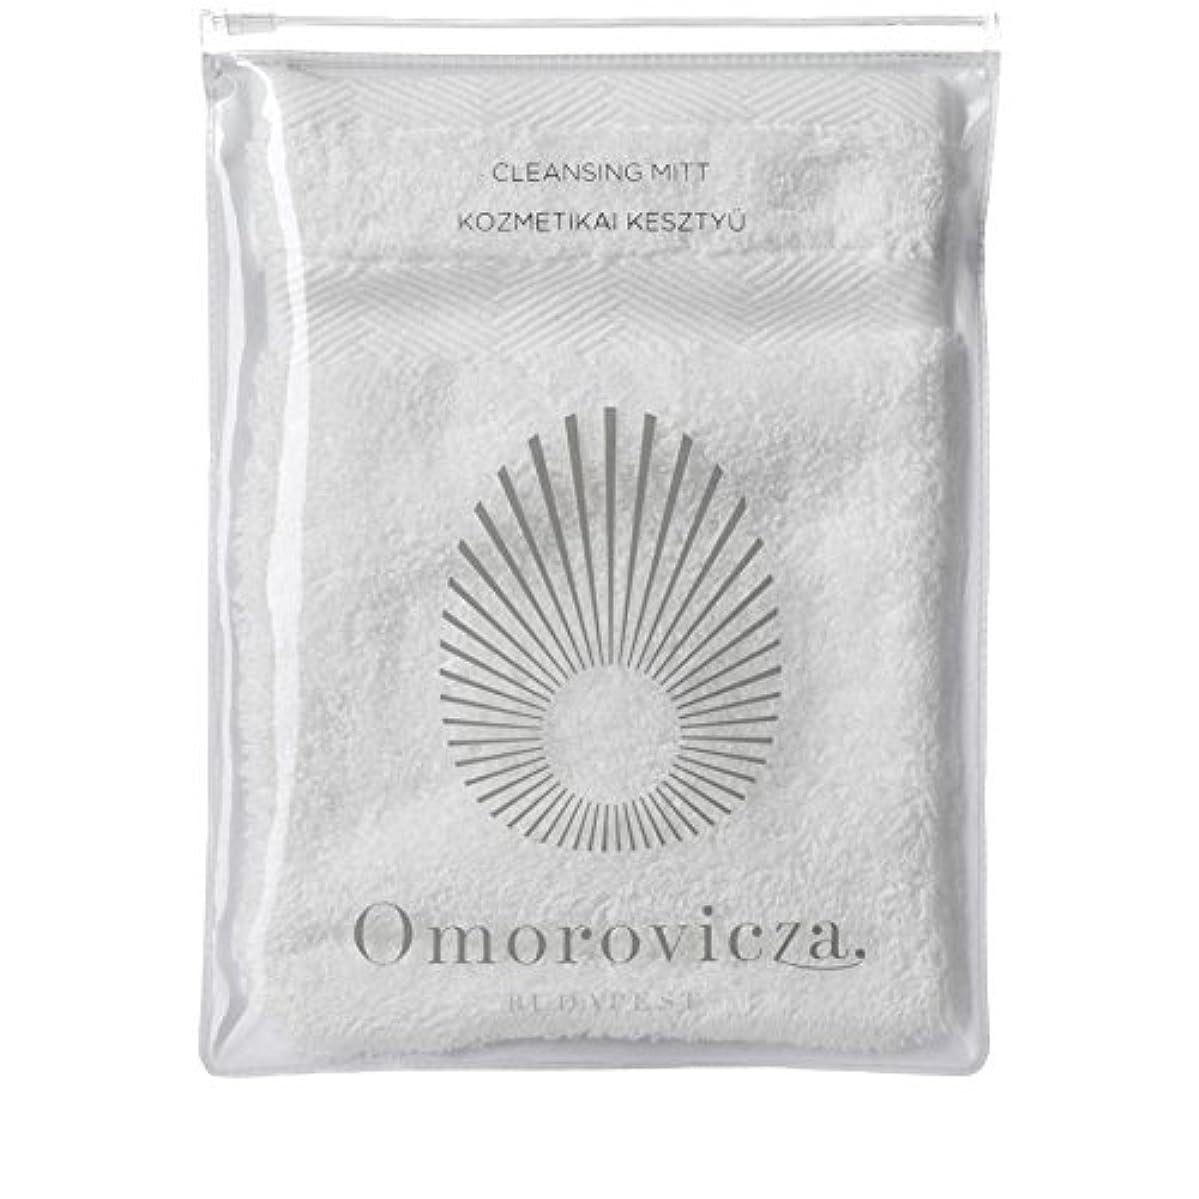 マント追い越す社会Omorovicza Cleansing Facial Mitt, Omorovicza (Pack of 6) - クレンジング顔のミット、 x6 [並行輸入品]